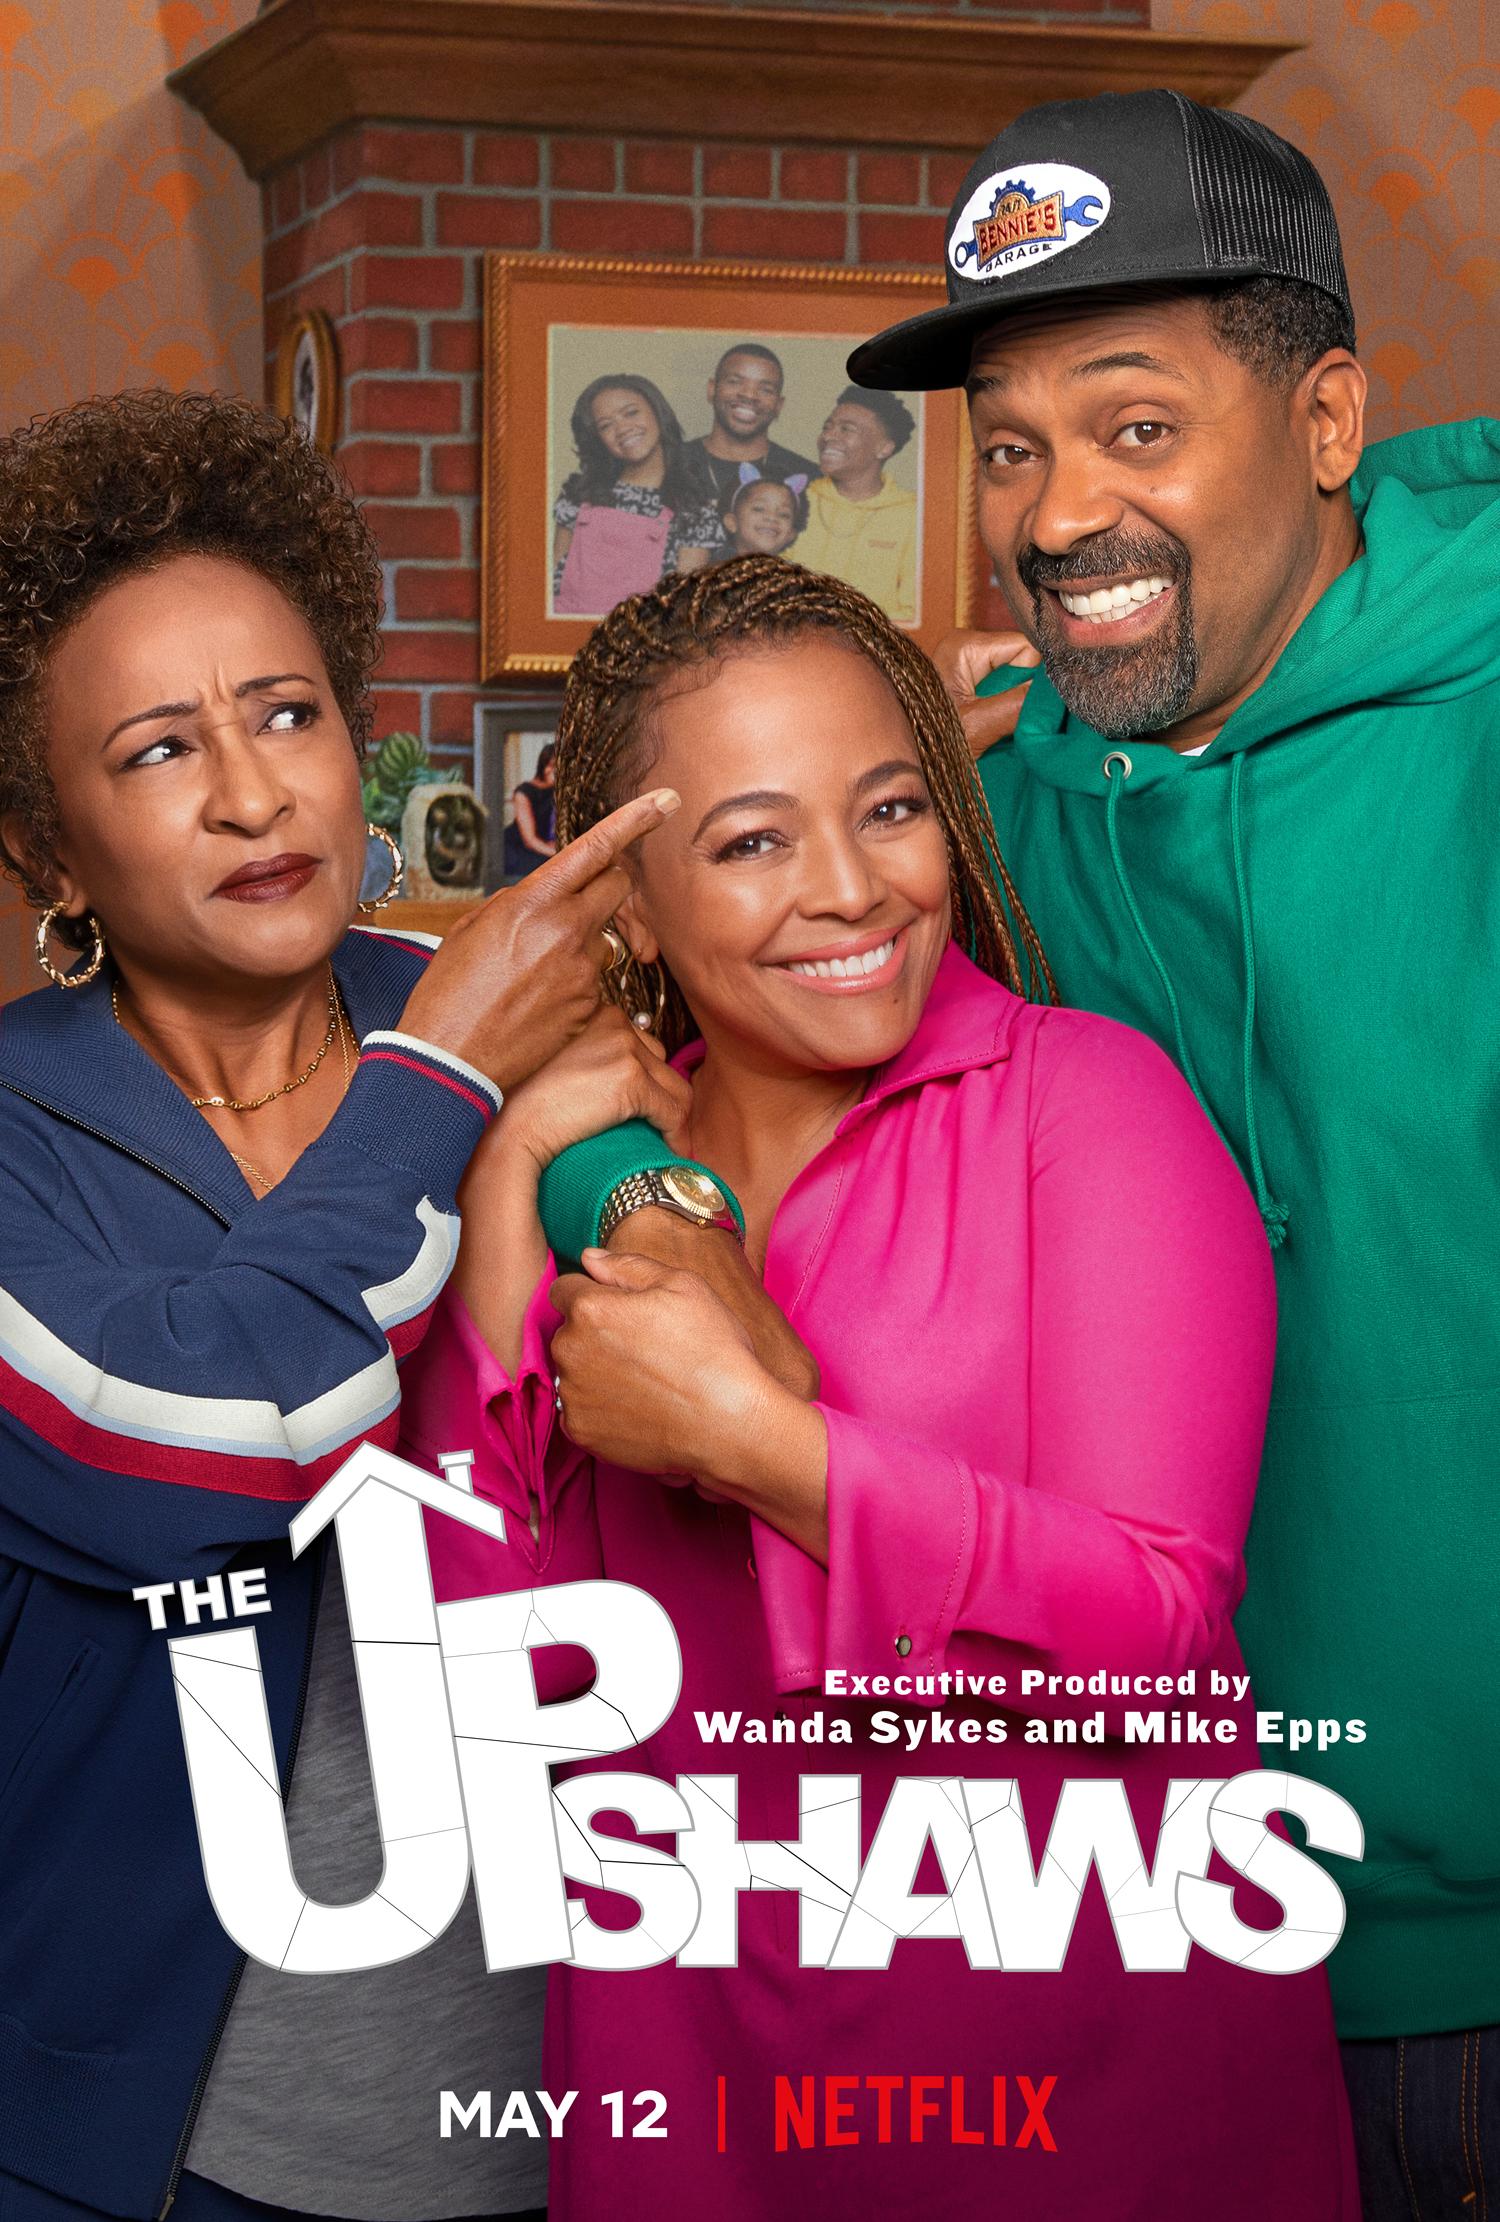 The Upshaws, Mike Epps, Netflix